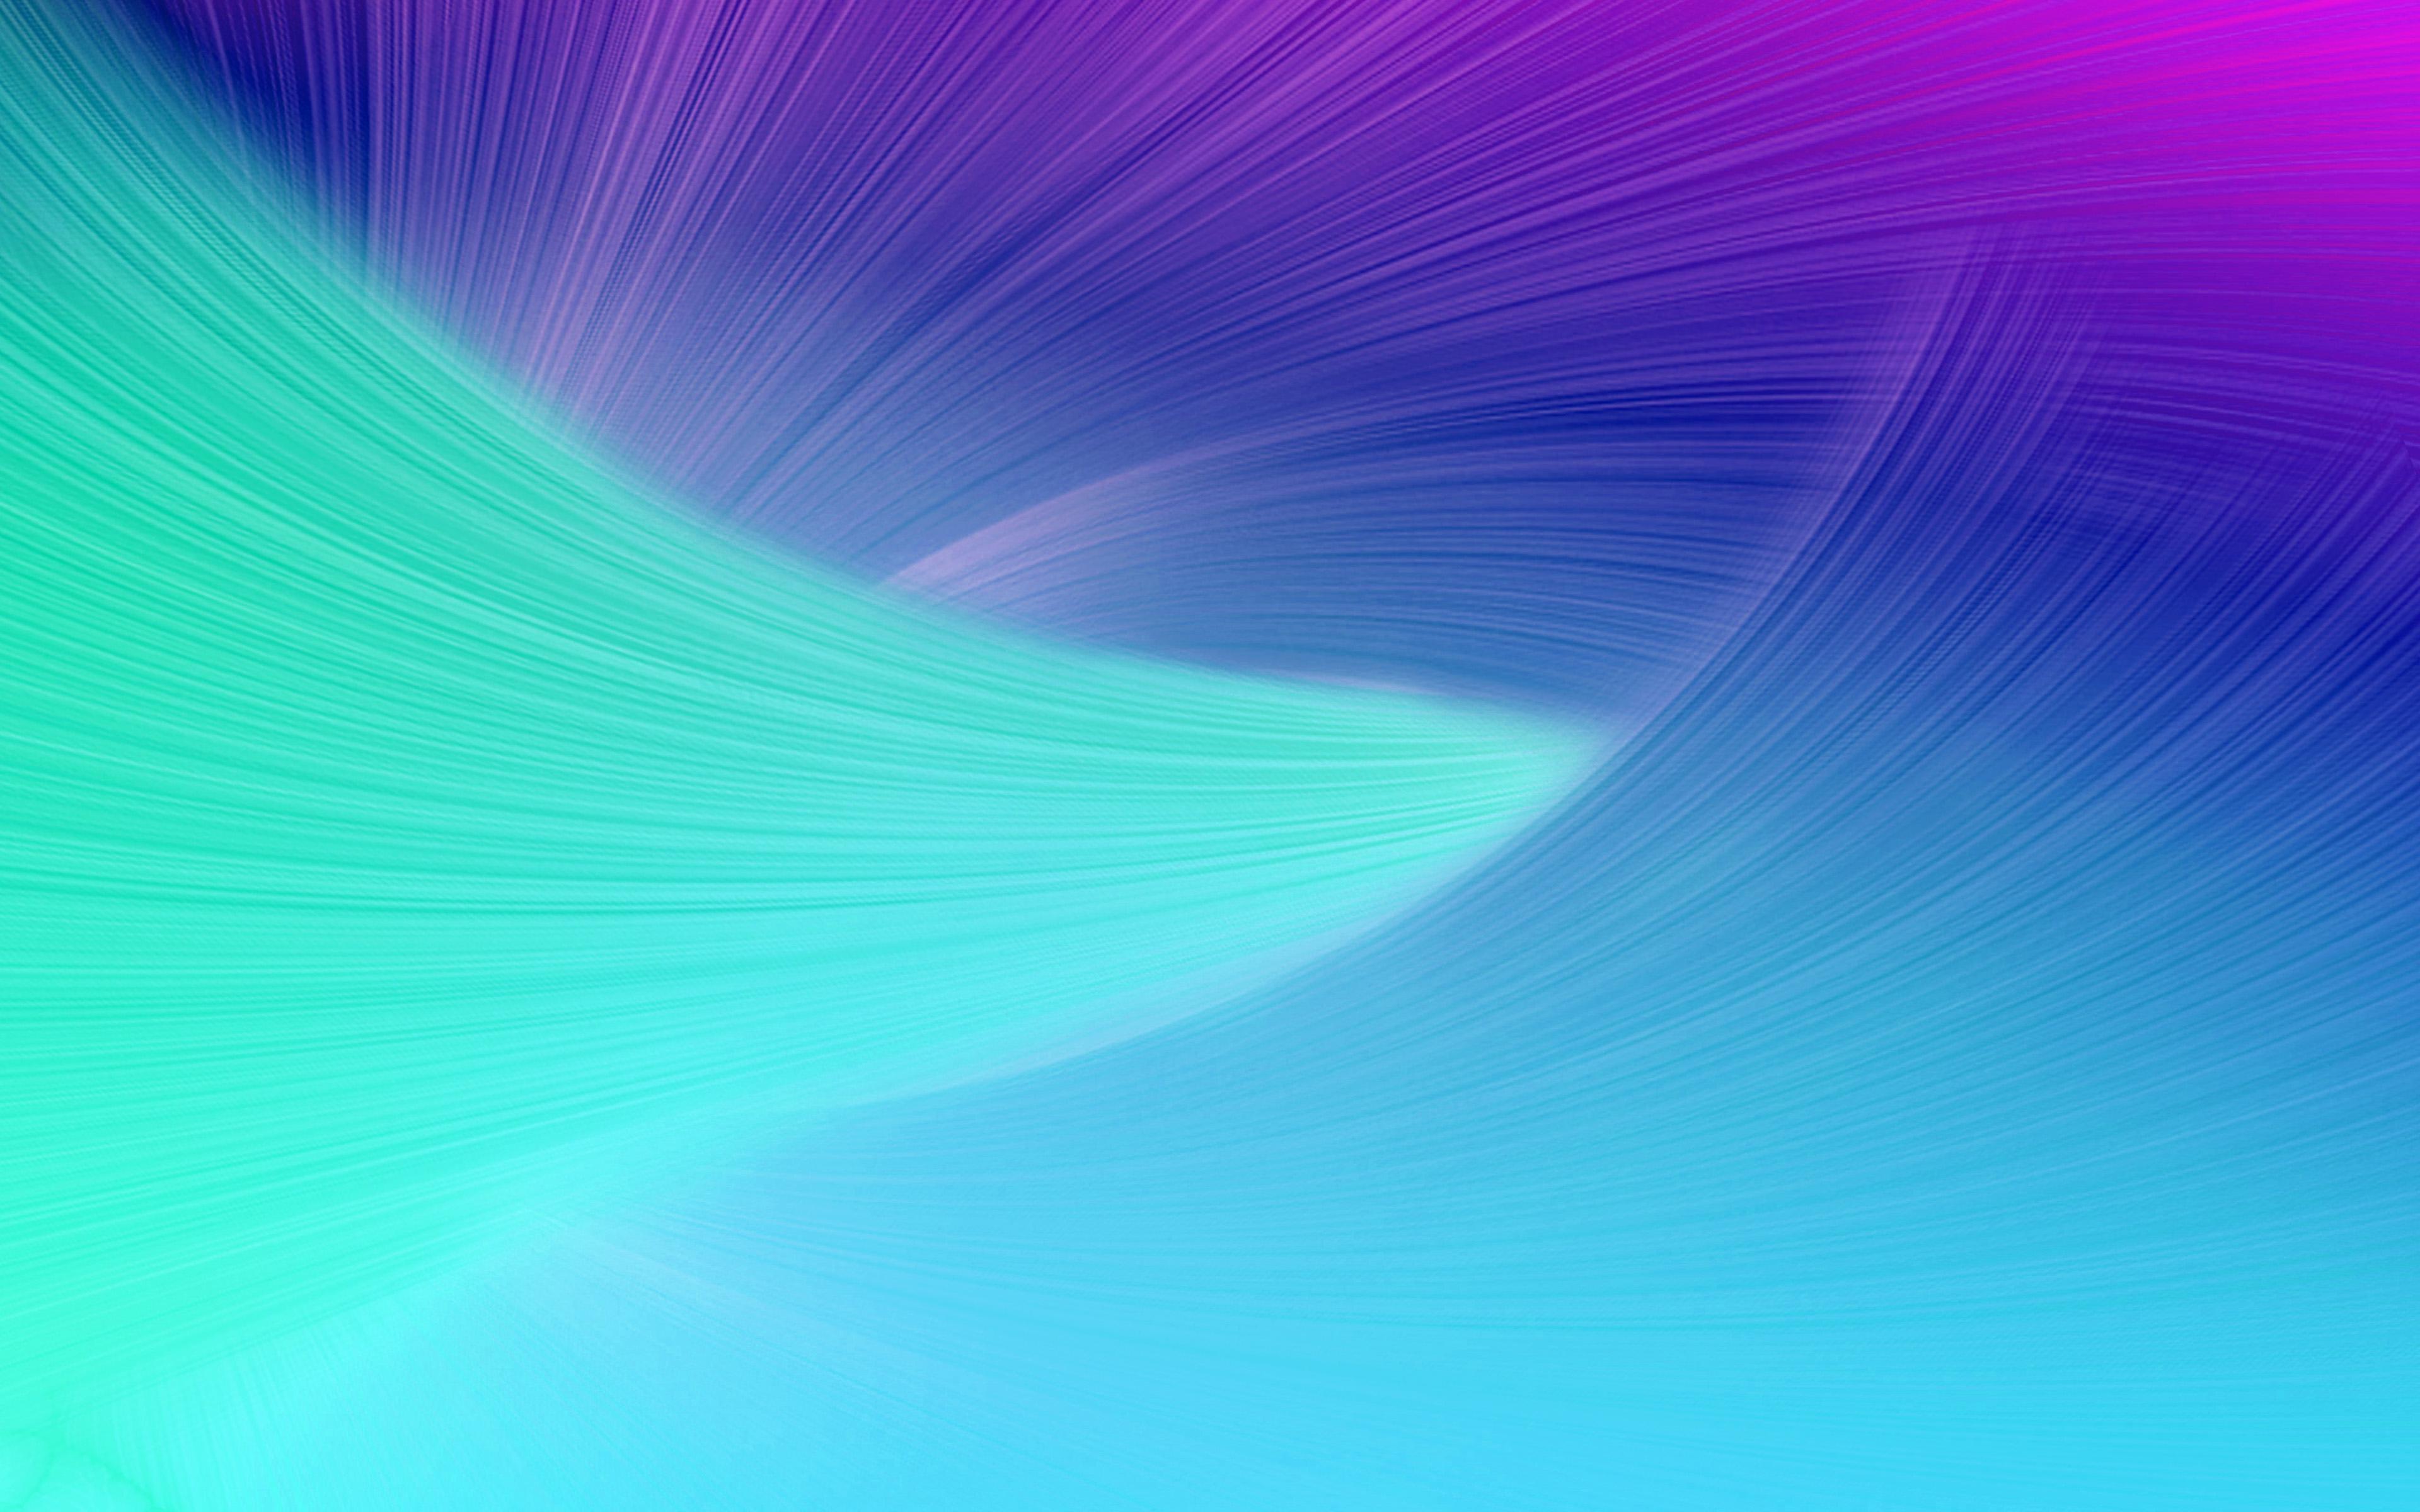 Samsung Notebook Wallpaper 4k 3840x2400 Download Hd Wallpaper Wallpapertip